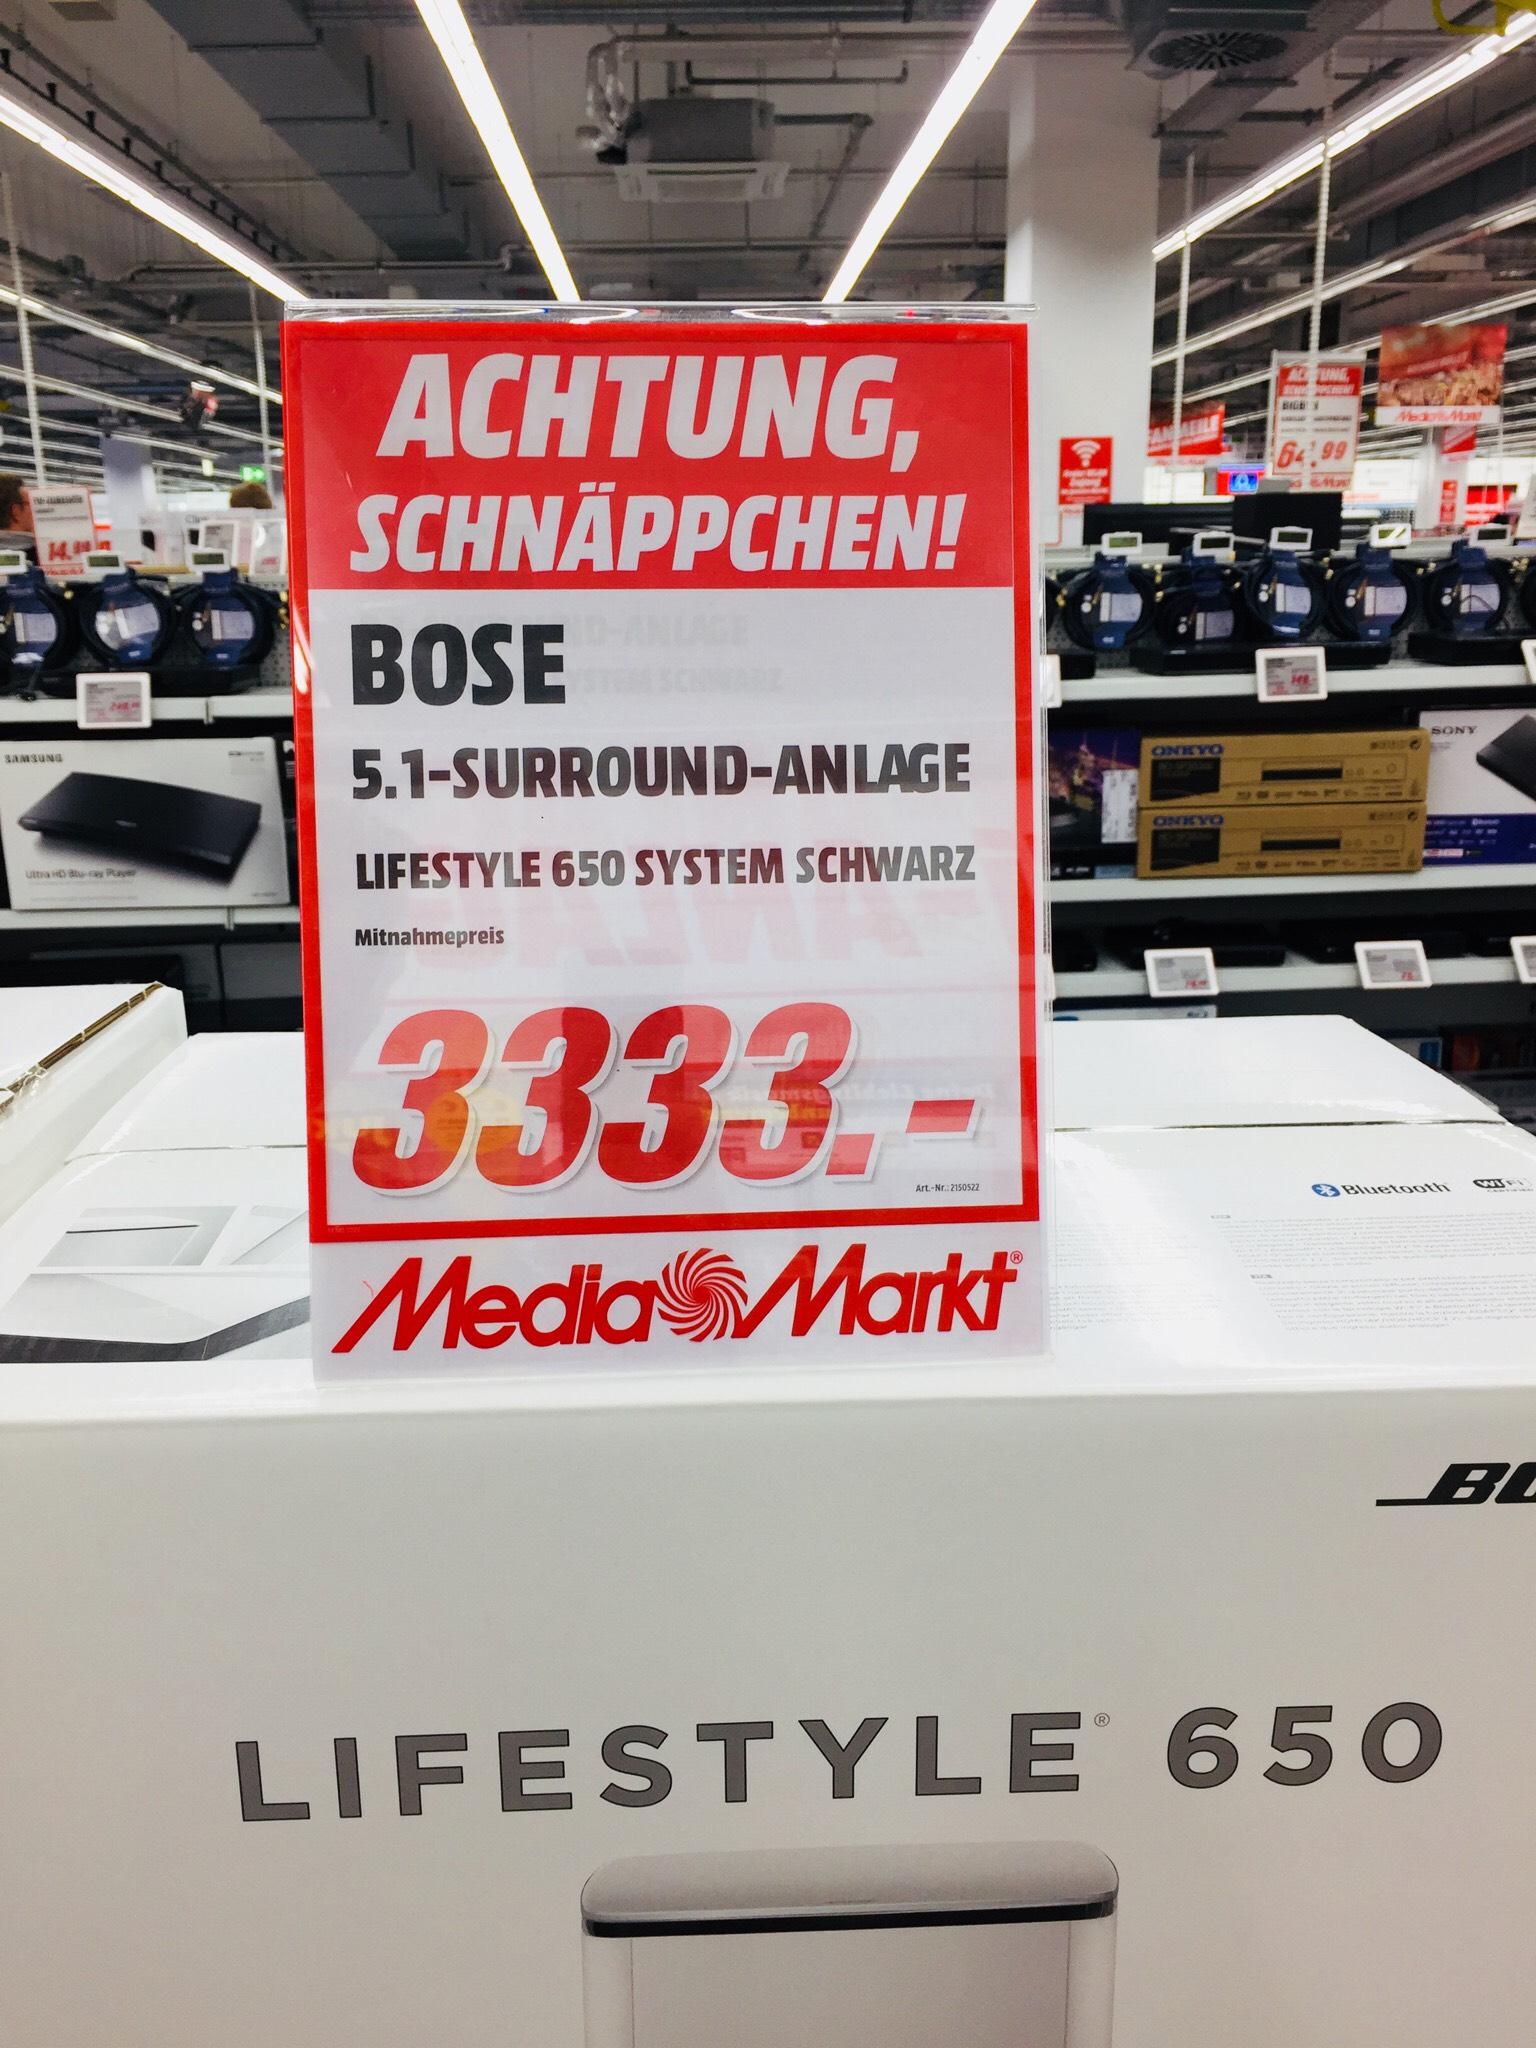 BOSE Lifestyle 650 zum Hammerpreis im MediaMarkt. Leipzig Höfe am Brühl